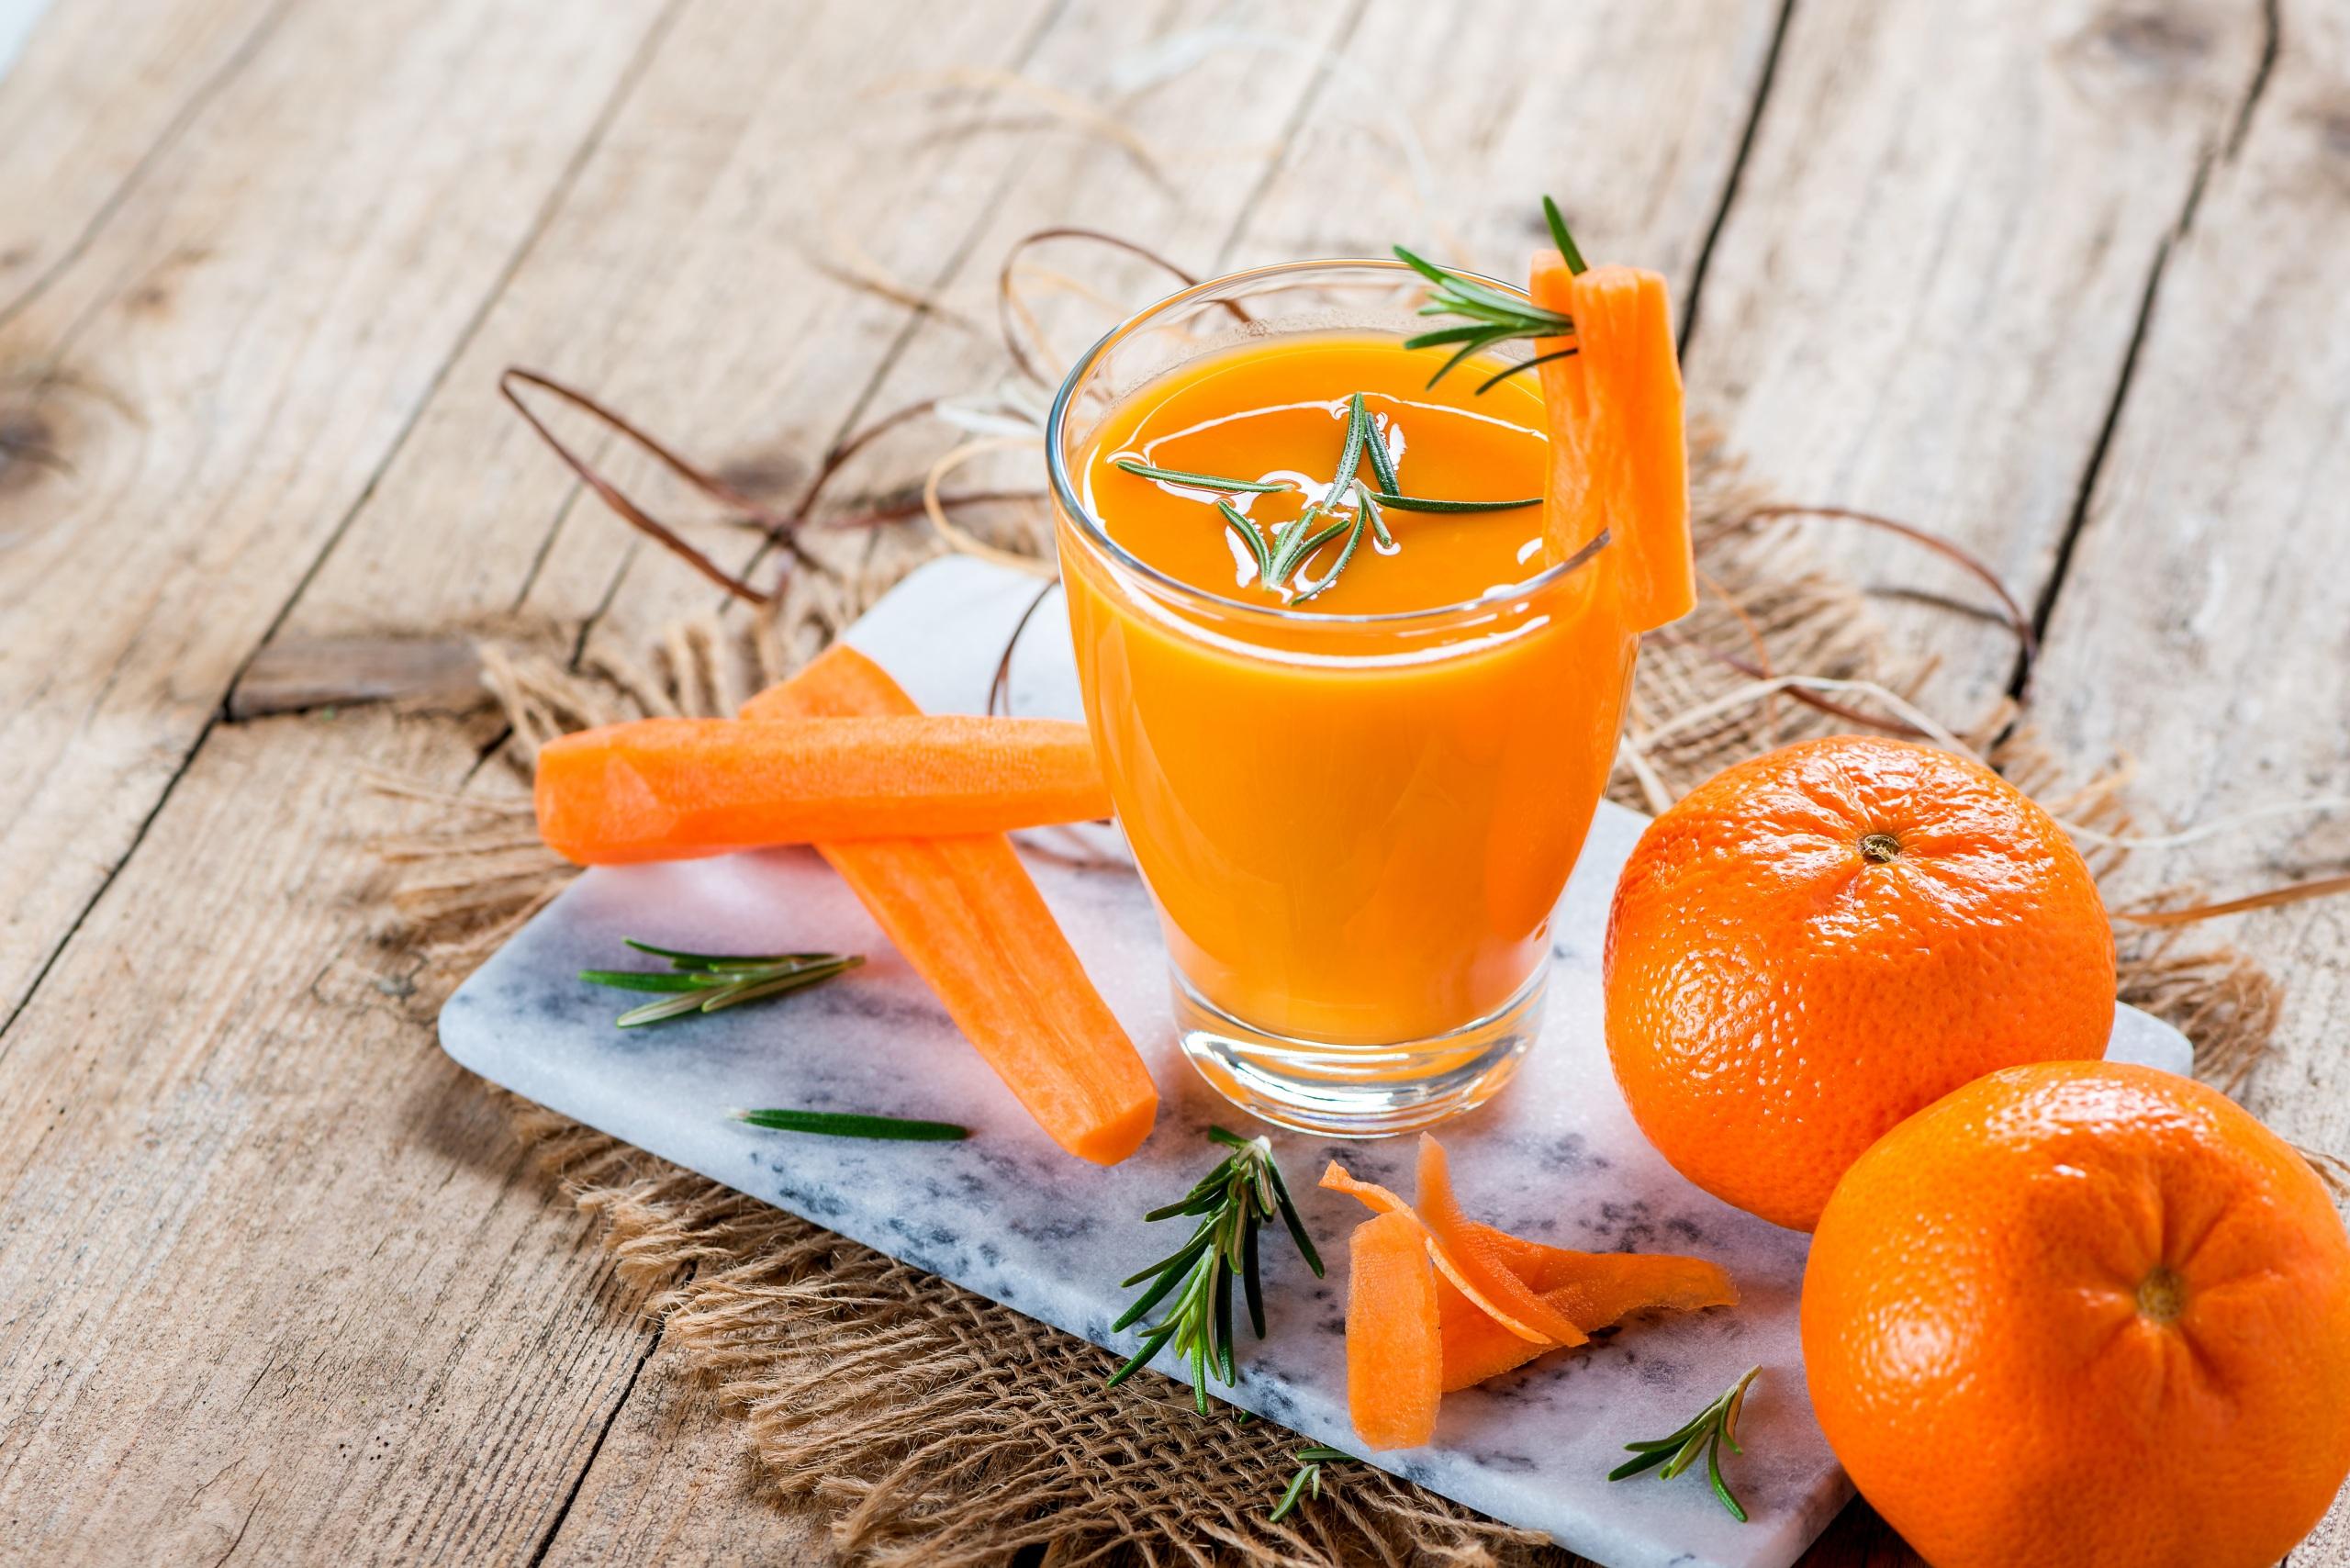 Картинка Сок Морковь Мандарины стакана Еда Доски 2560x1708 Стакан стакане Пища Продукты питания